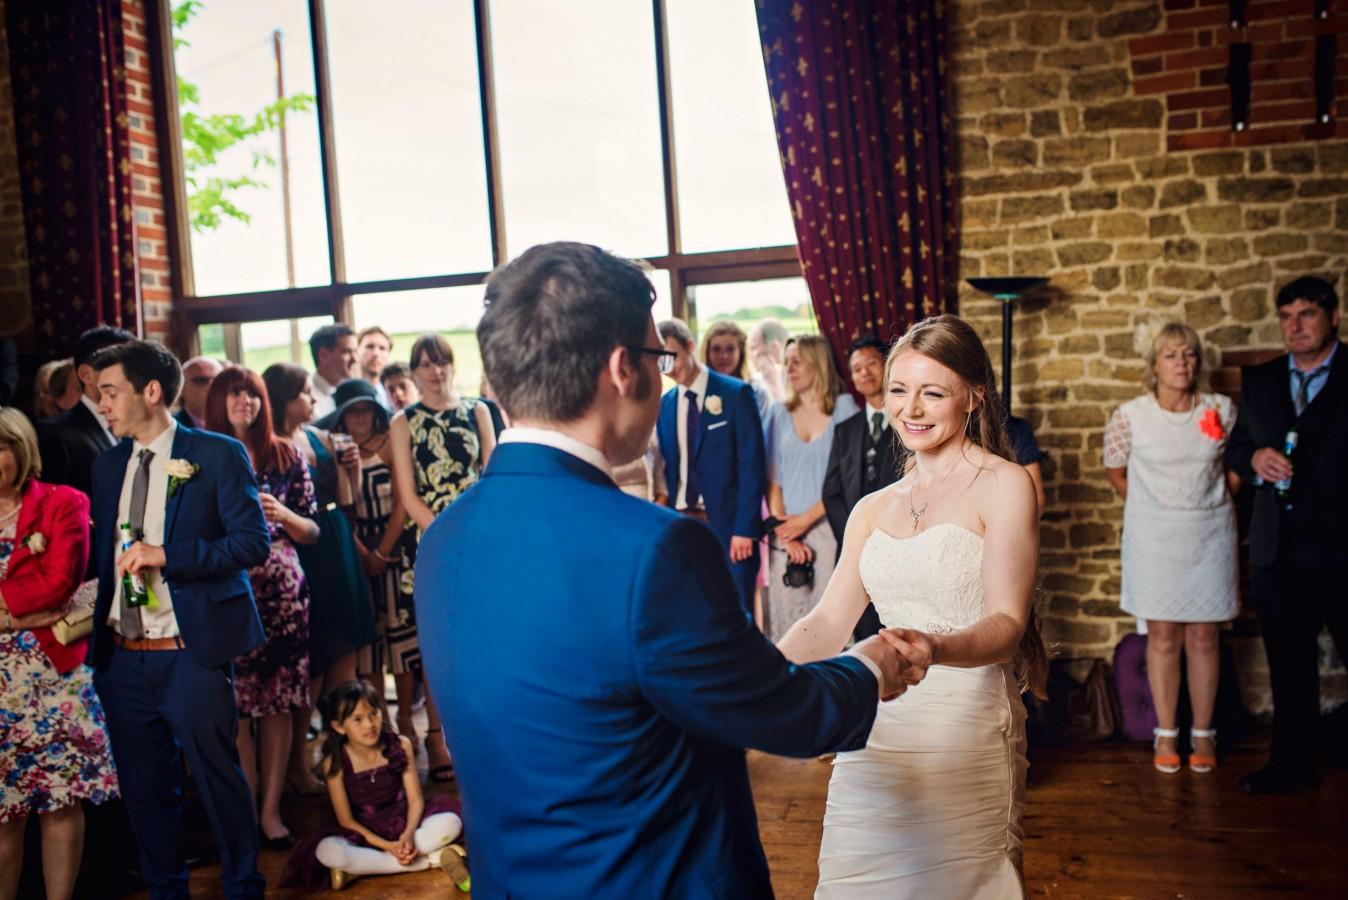 Hampshire Wedding Photographer - GK Photography-129